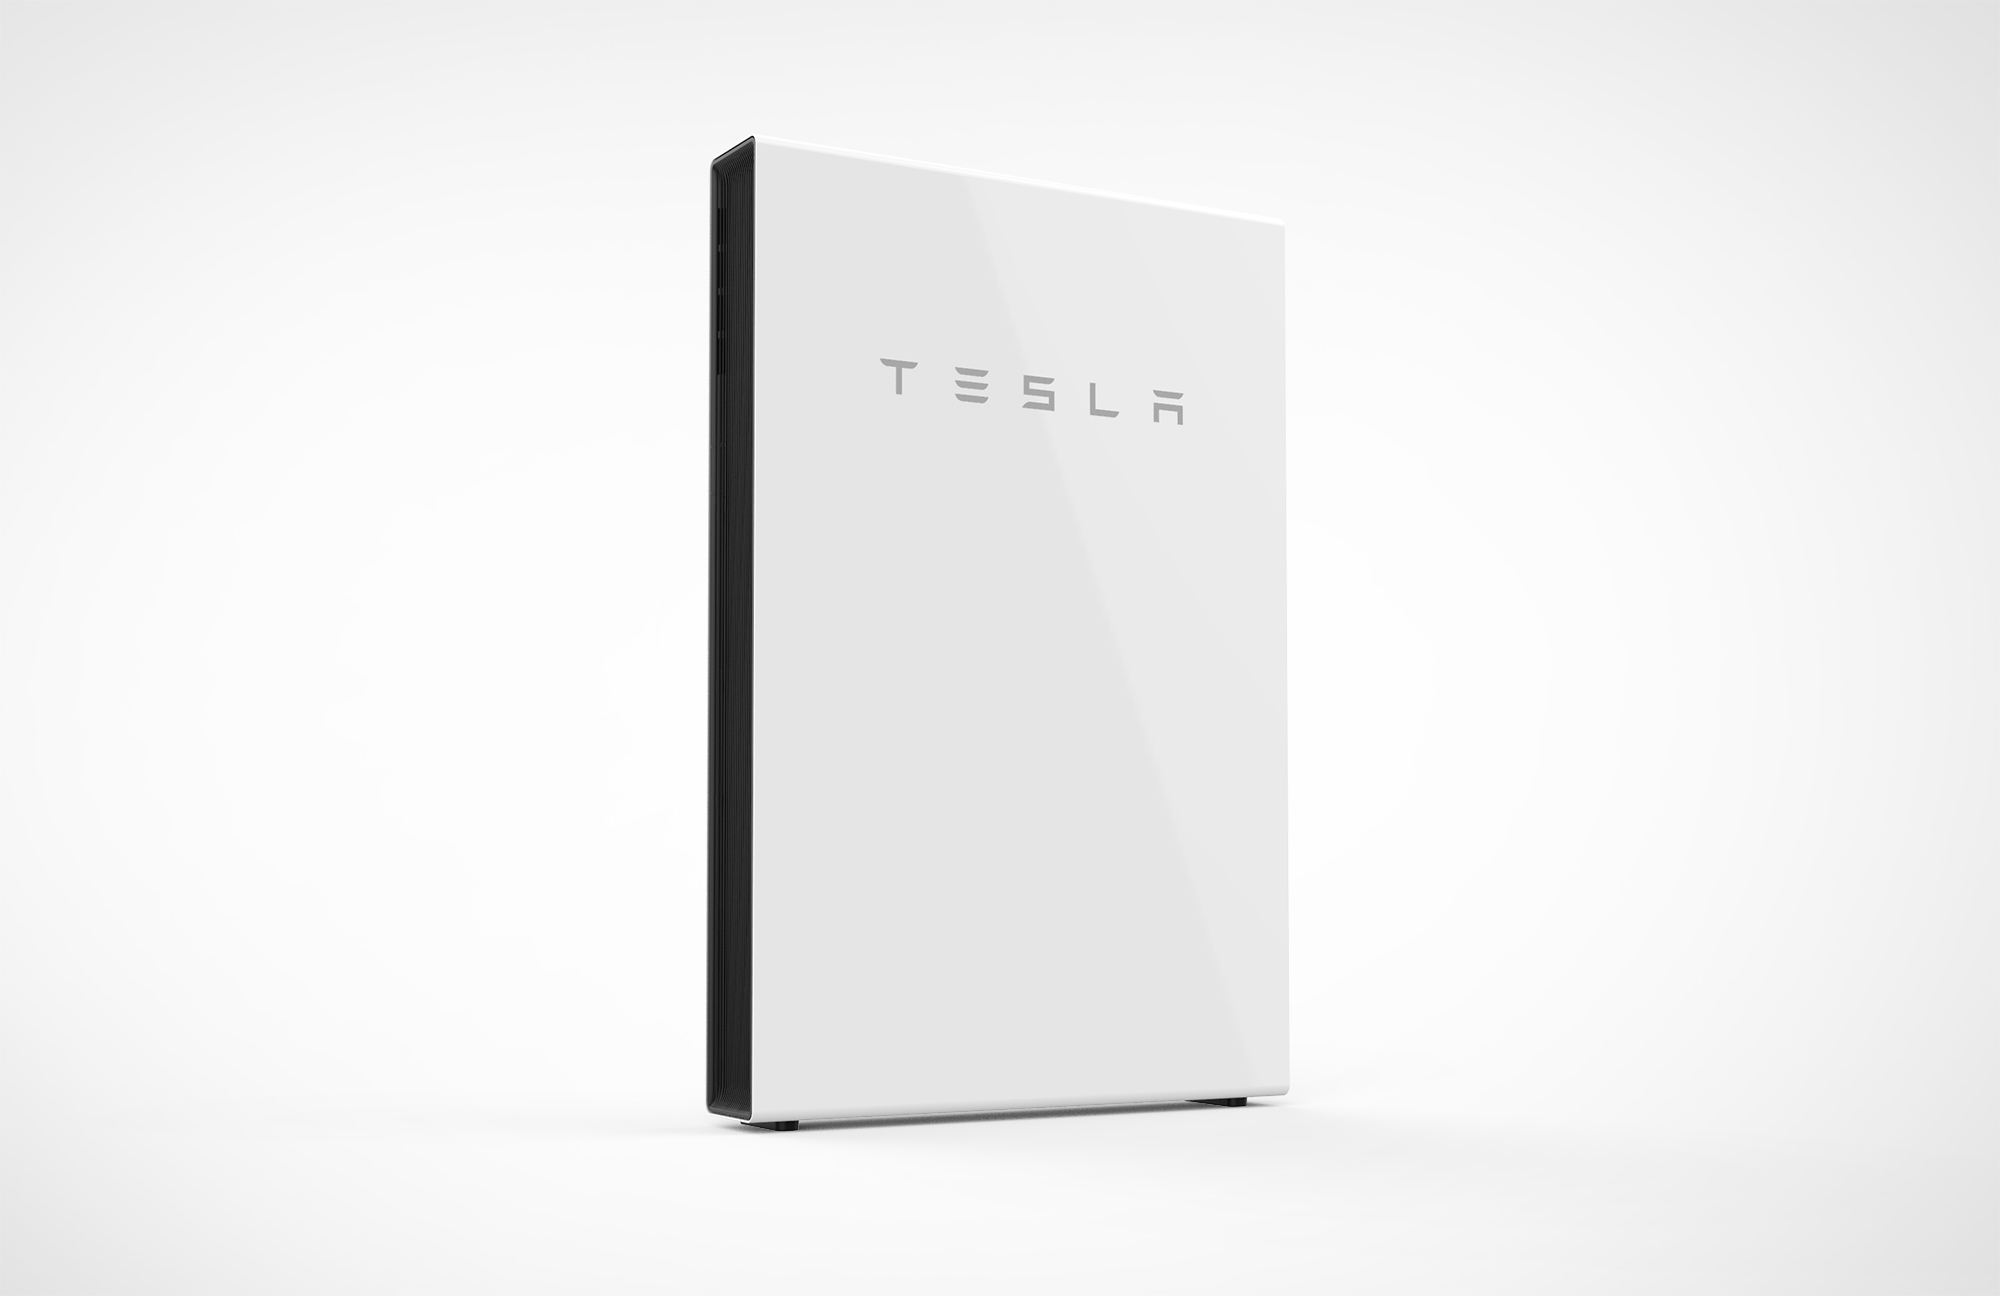 家庭用蓄電池の開発に拍車、市場規模は2020年に5倍へ | SUSTAINABLE ...